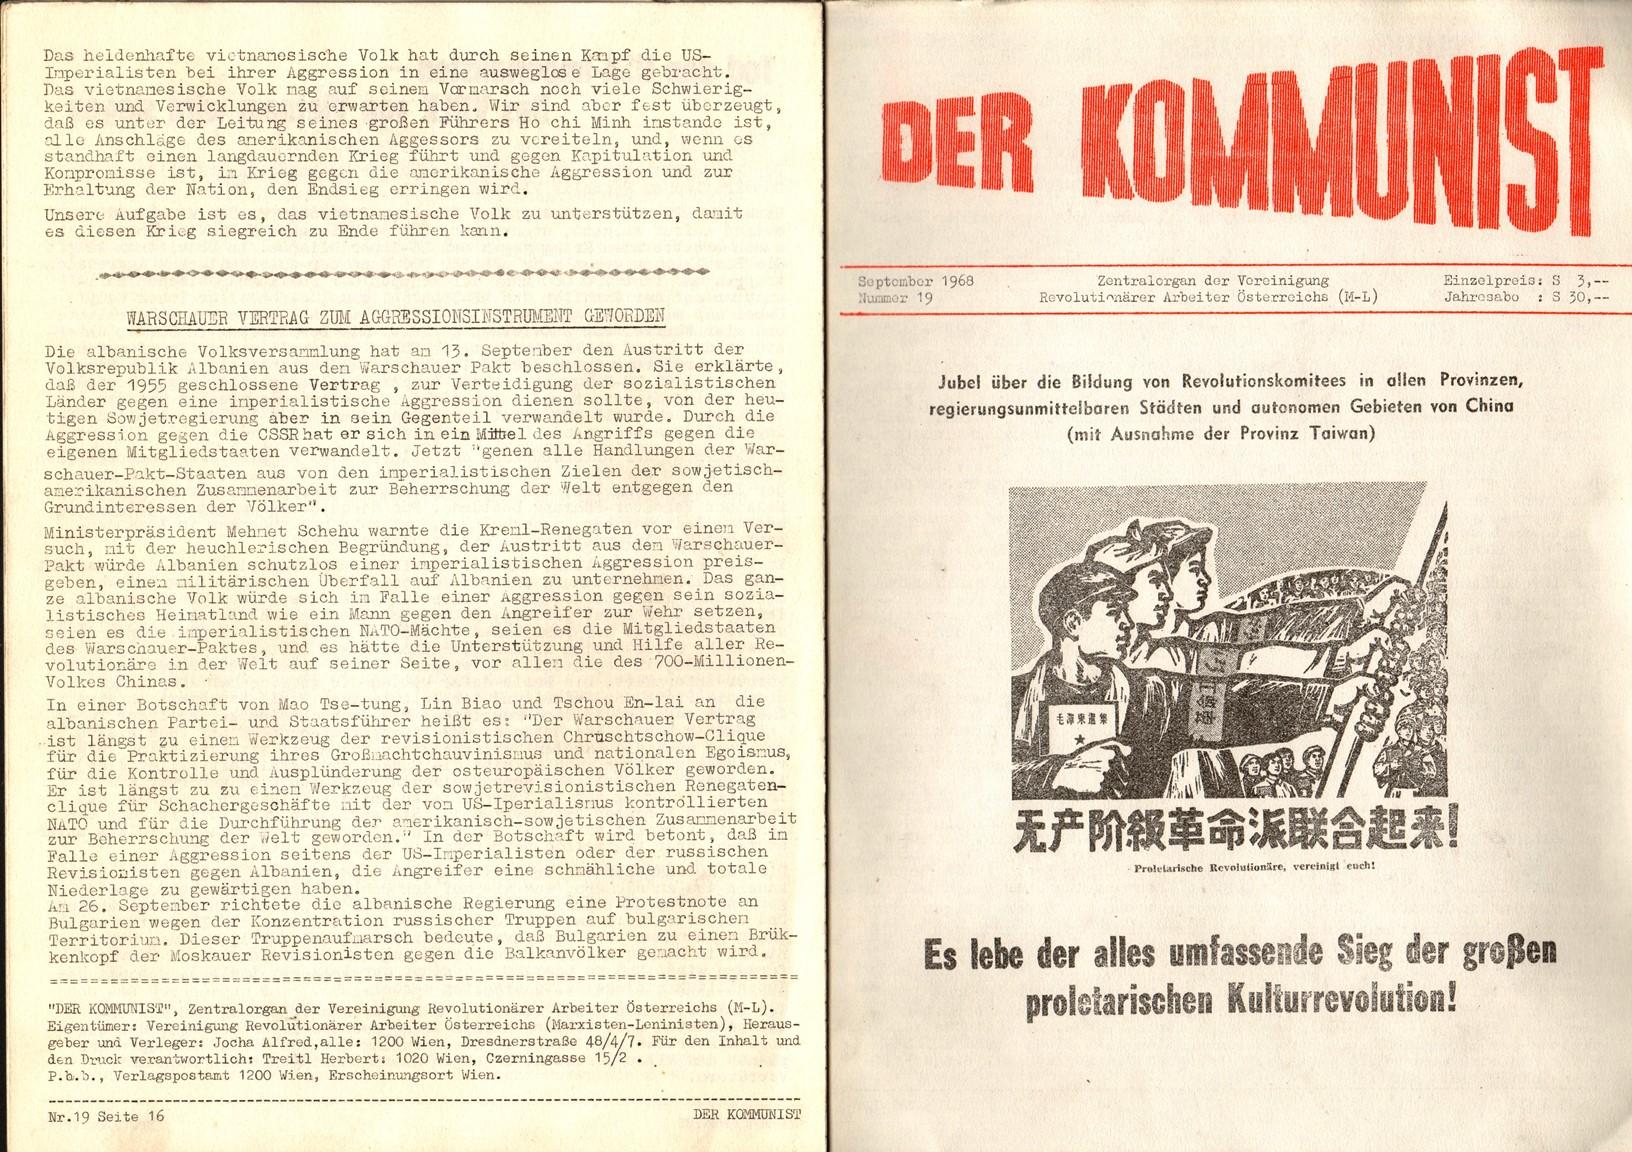 VRA_Der_Kommunist_19680900_01